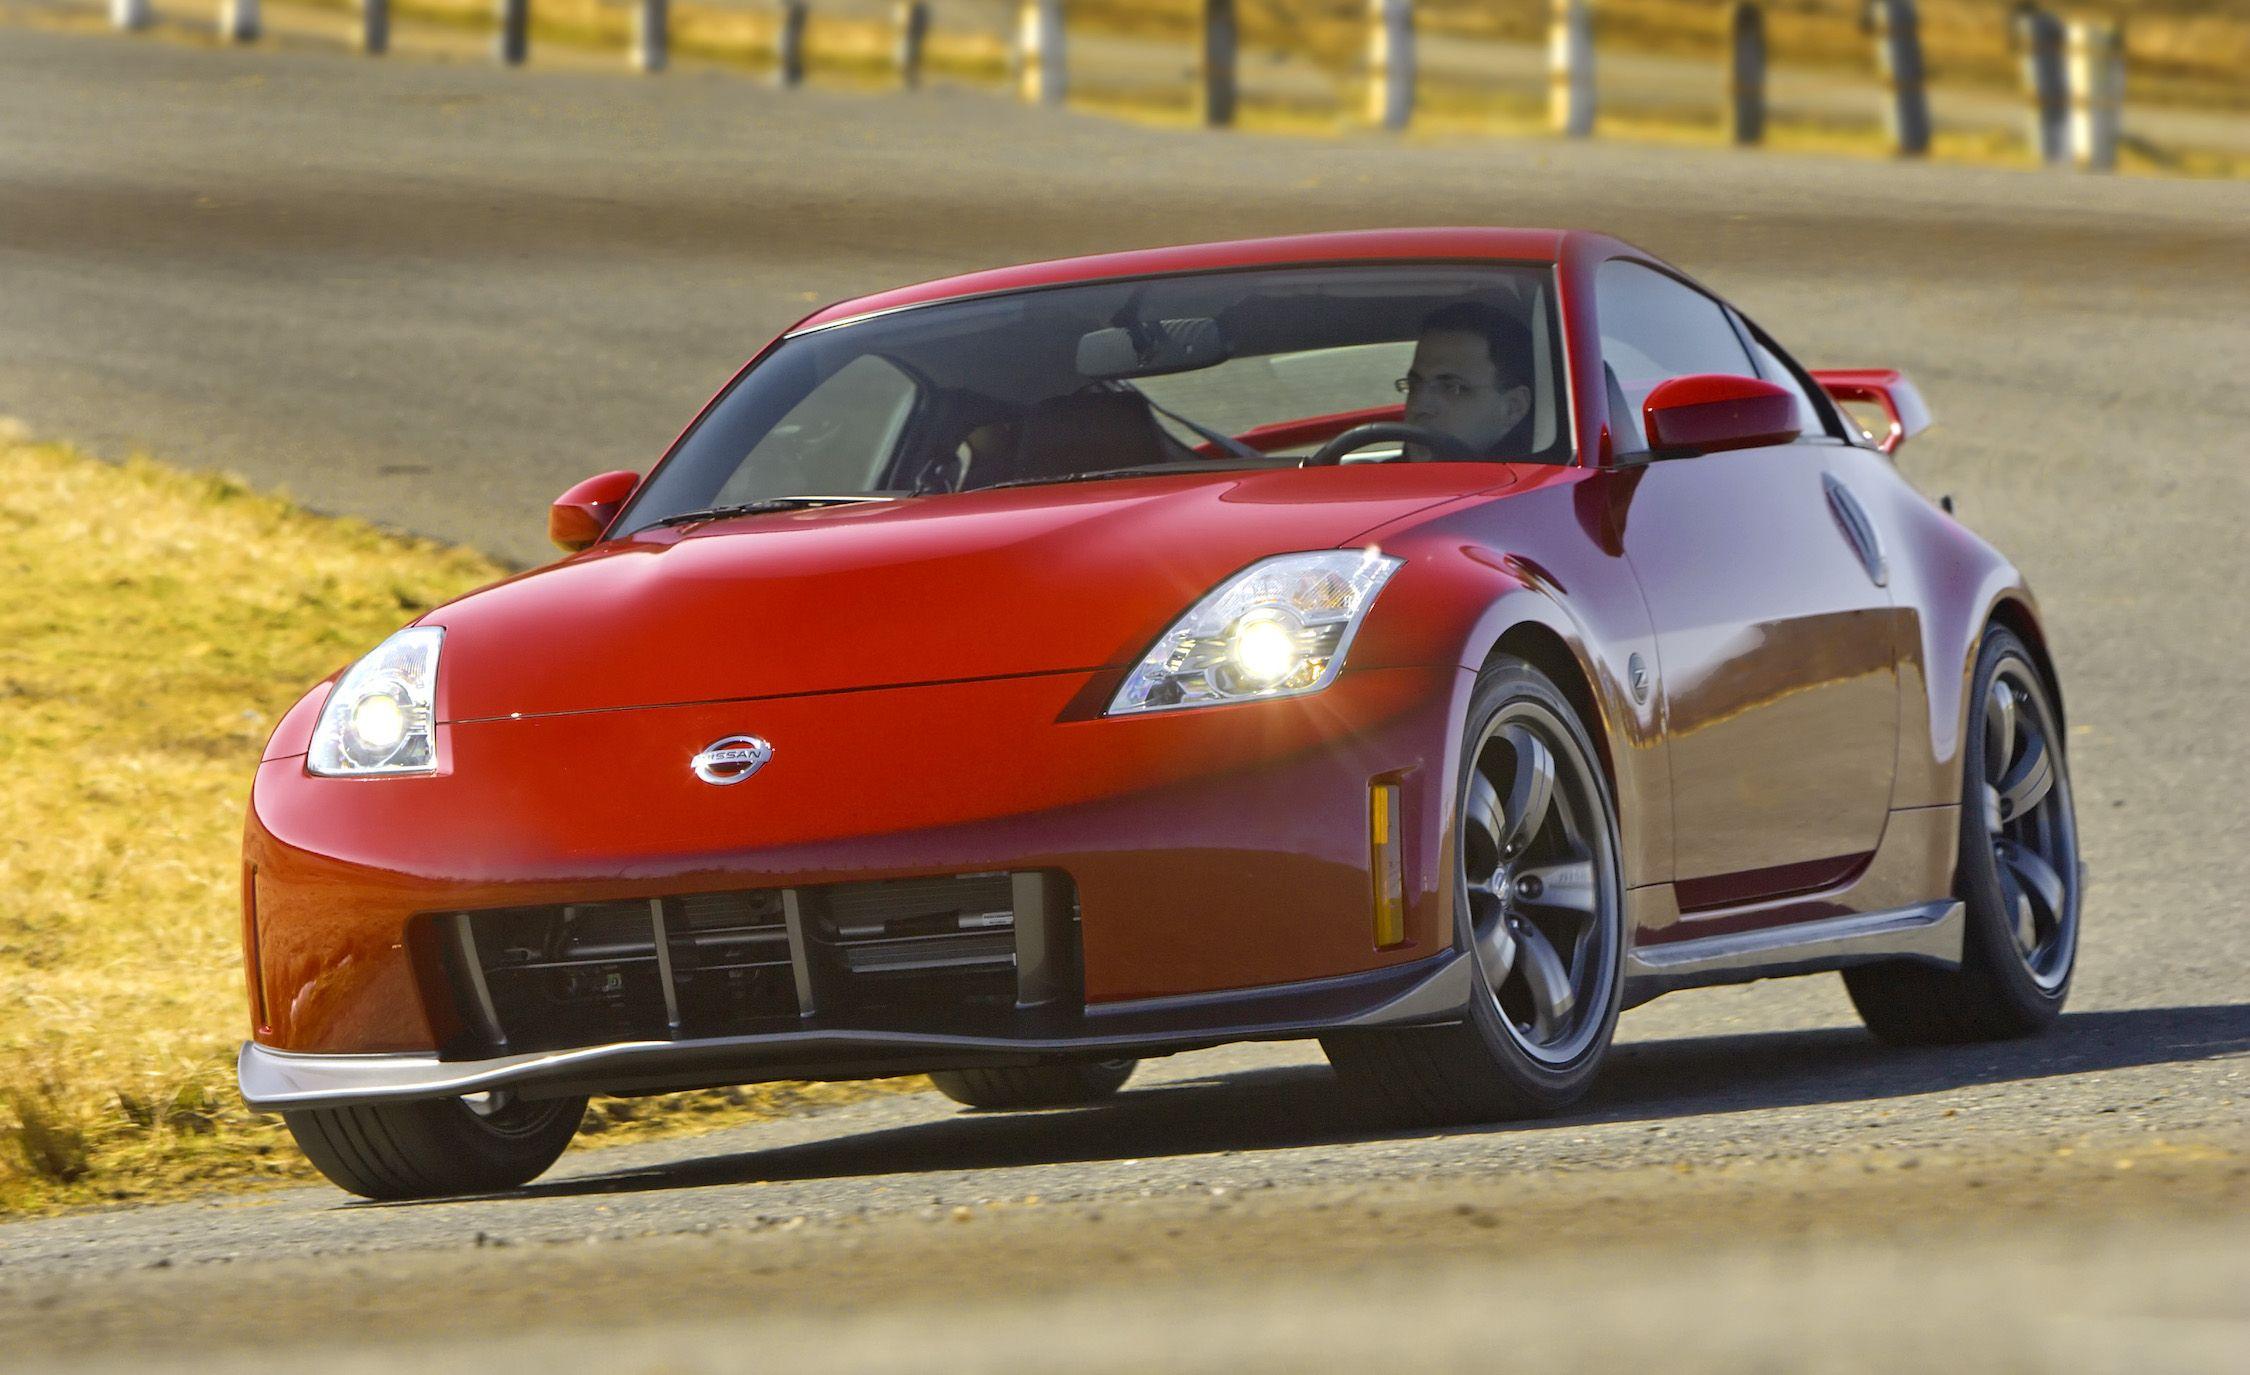 My Fair Lady: A Visual History of the Nissan Z-Car